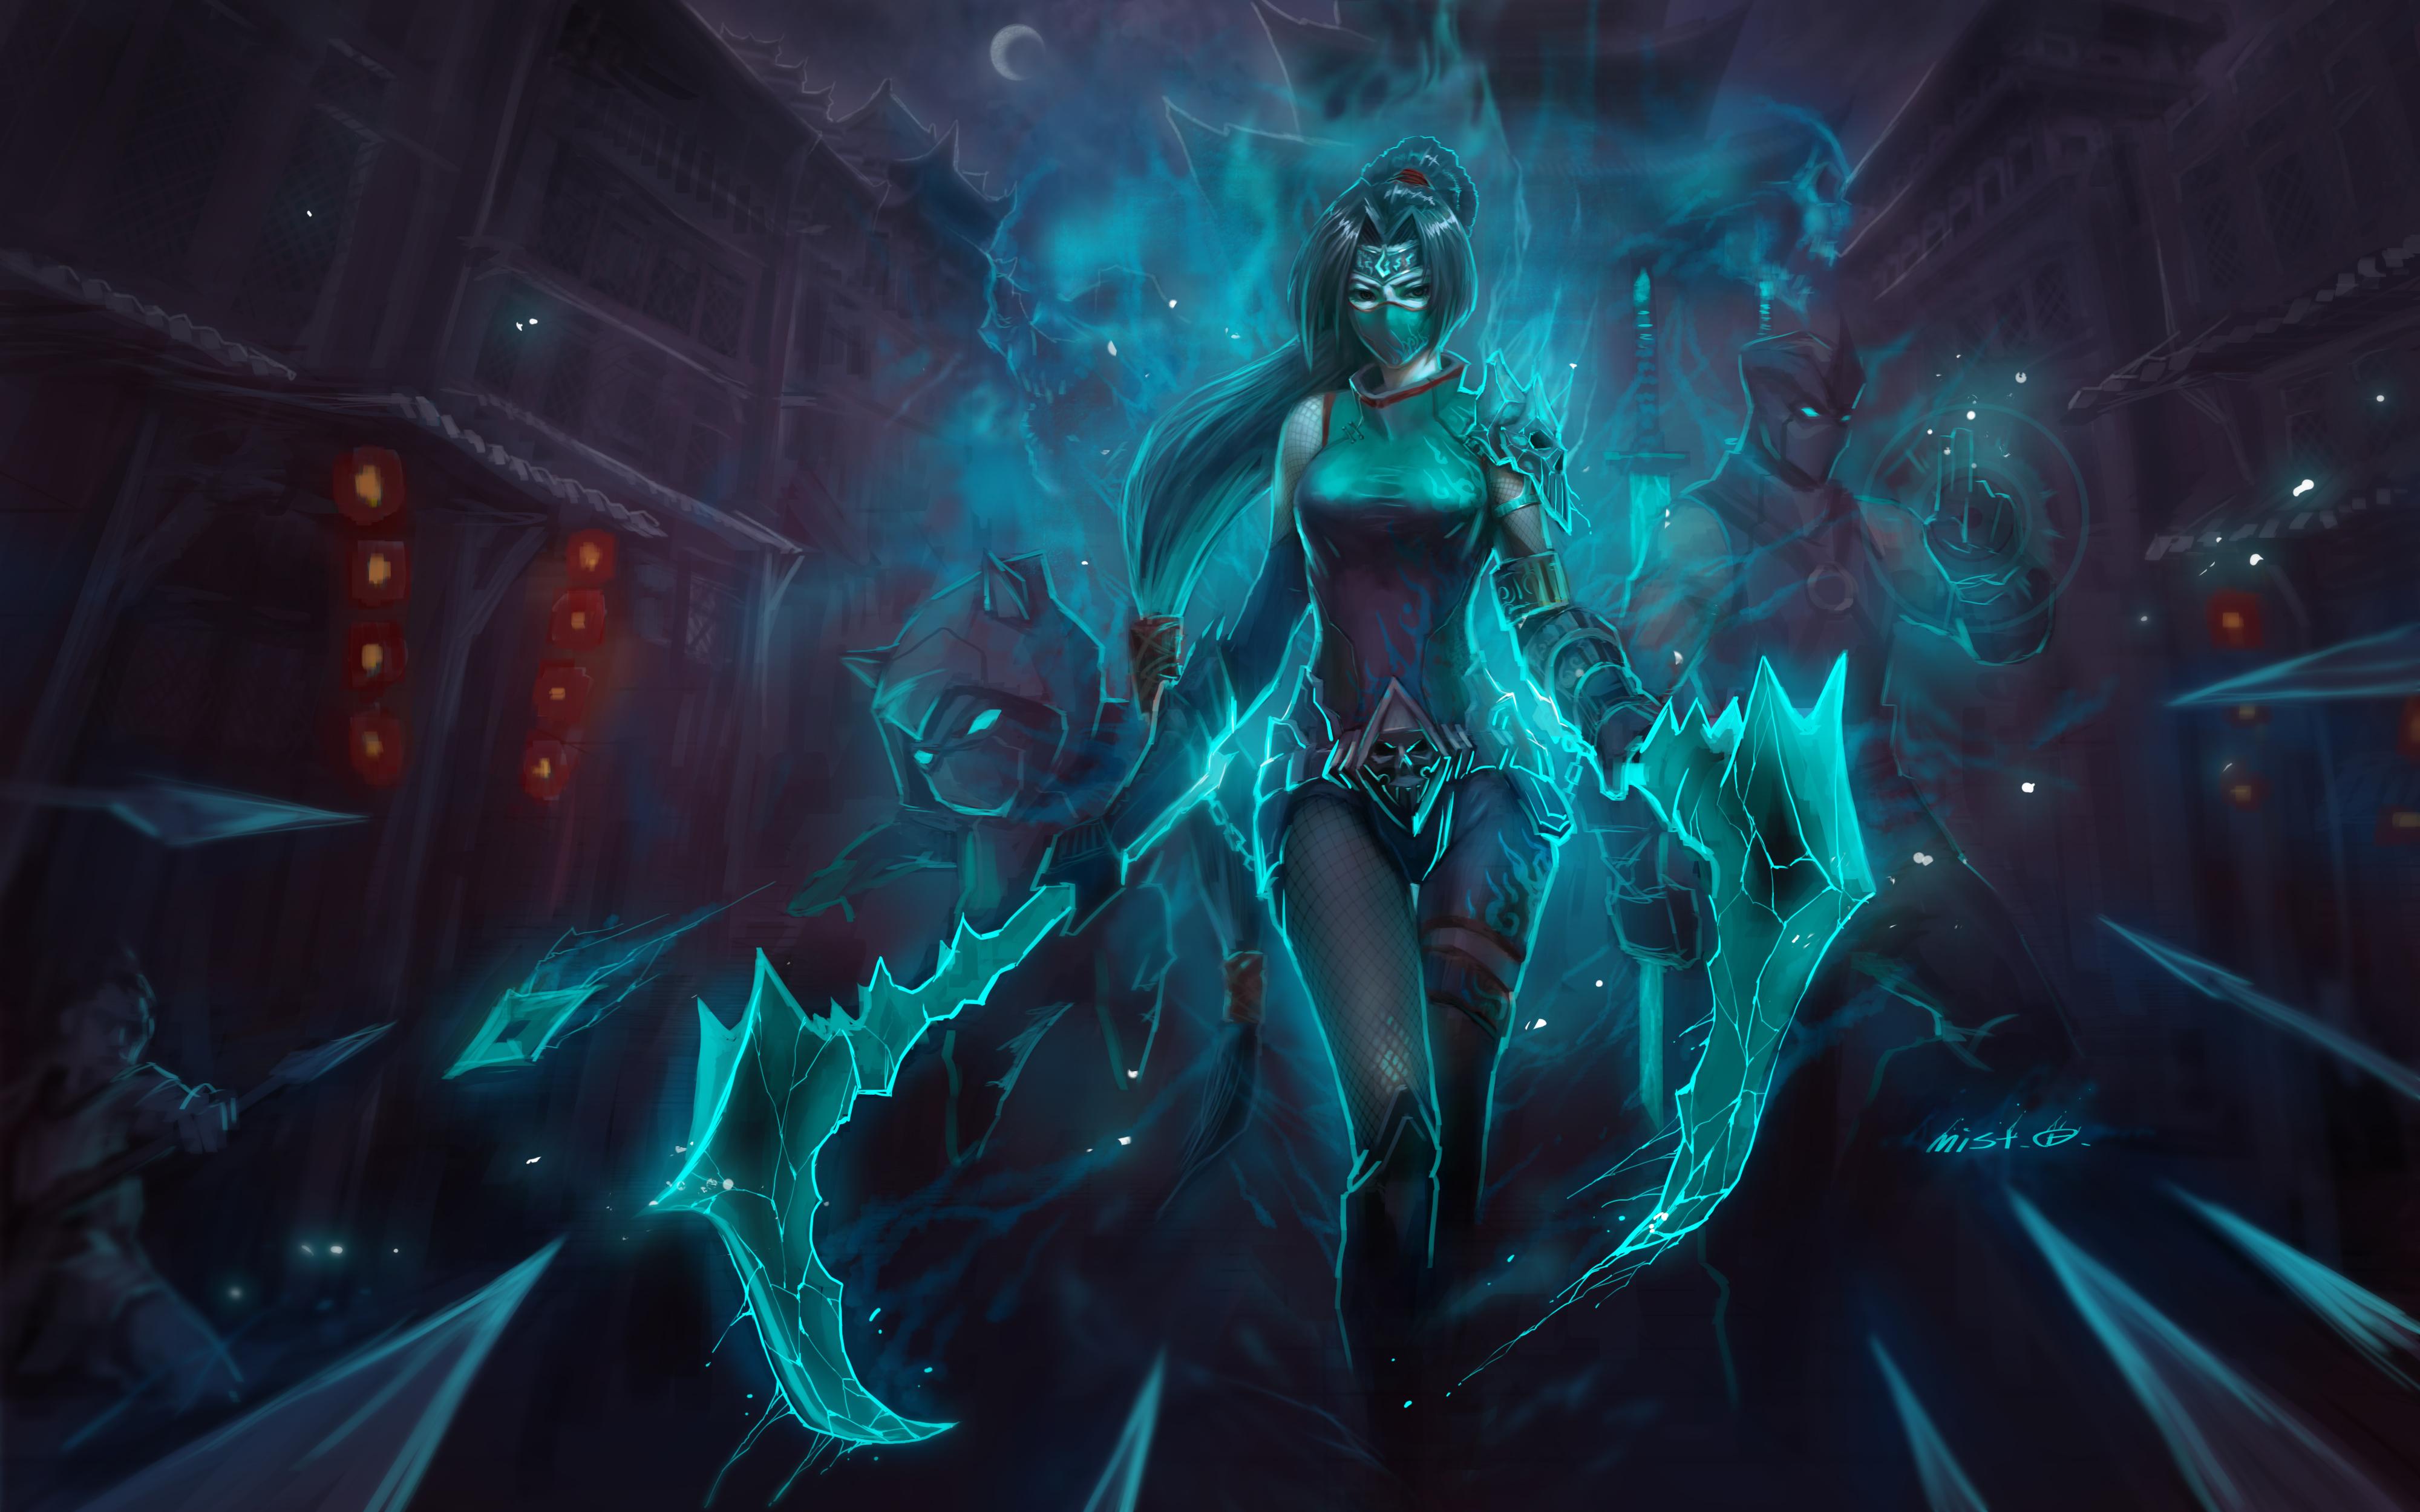 Wallpaper Akali, Kennen, Shen League Of Legends